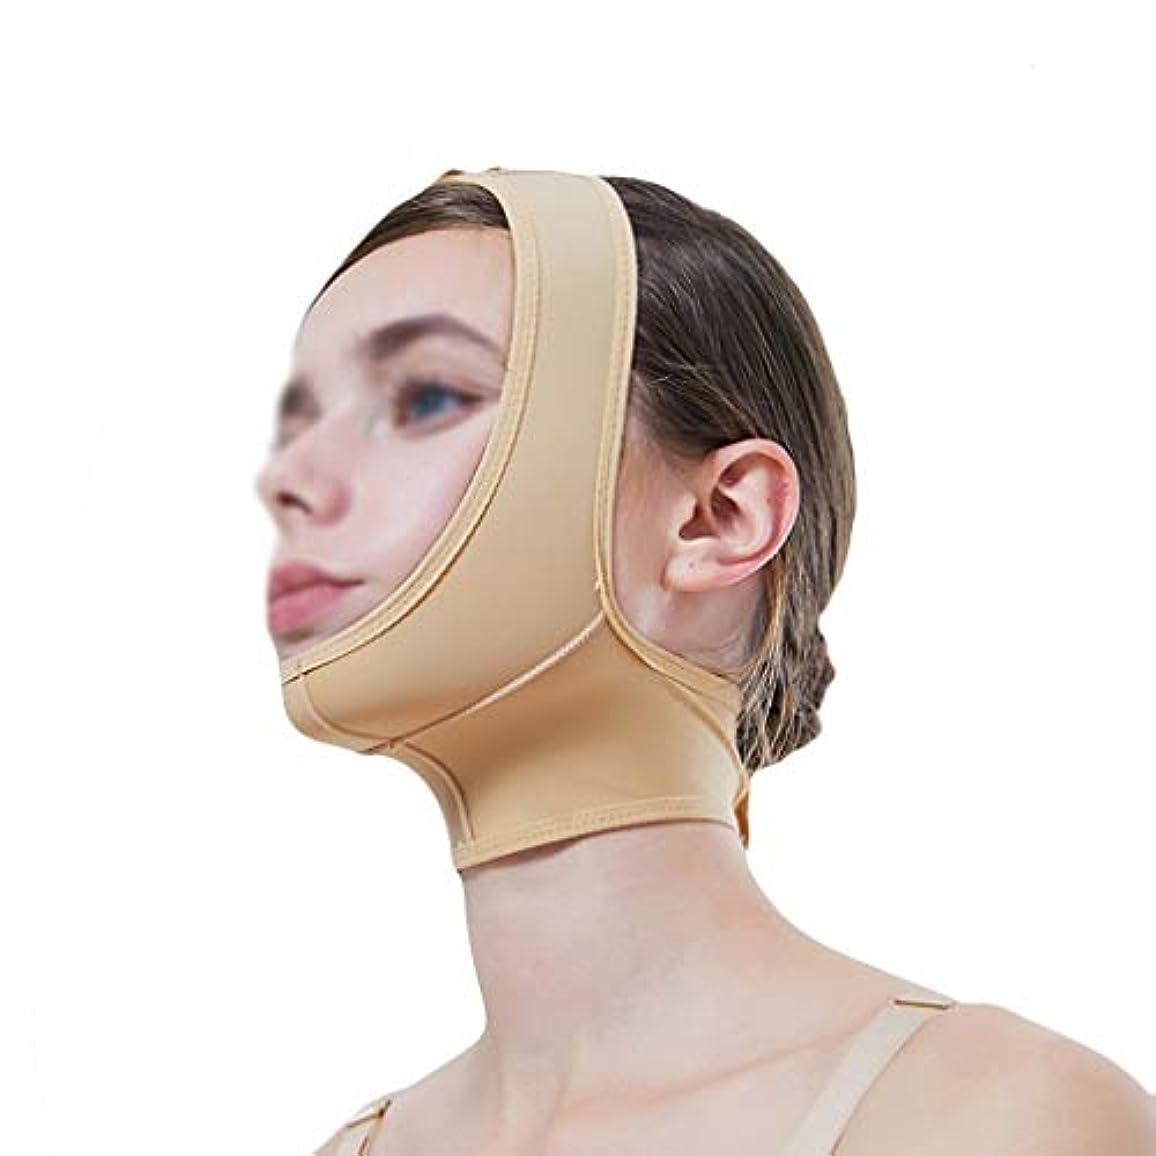 反逆者レタッチ荒れ地XHLMRMJ マスク、超薄型ベルト、フェイスリフティングに適しています、フェイスリフティング、通気性包帯、チンリフティングベルト、超薄型ベルト、通気性 (Size : S)